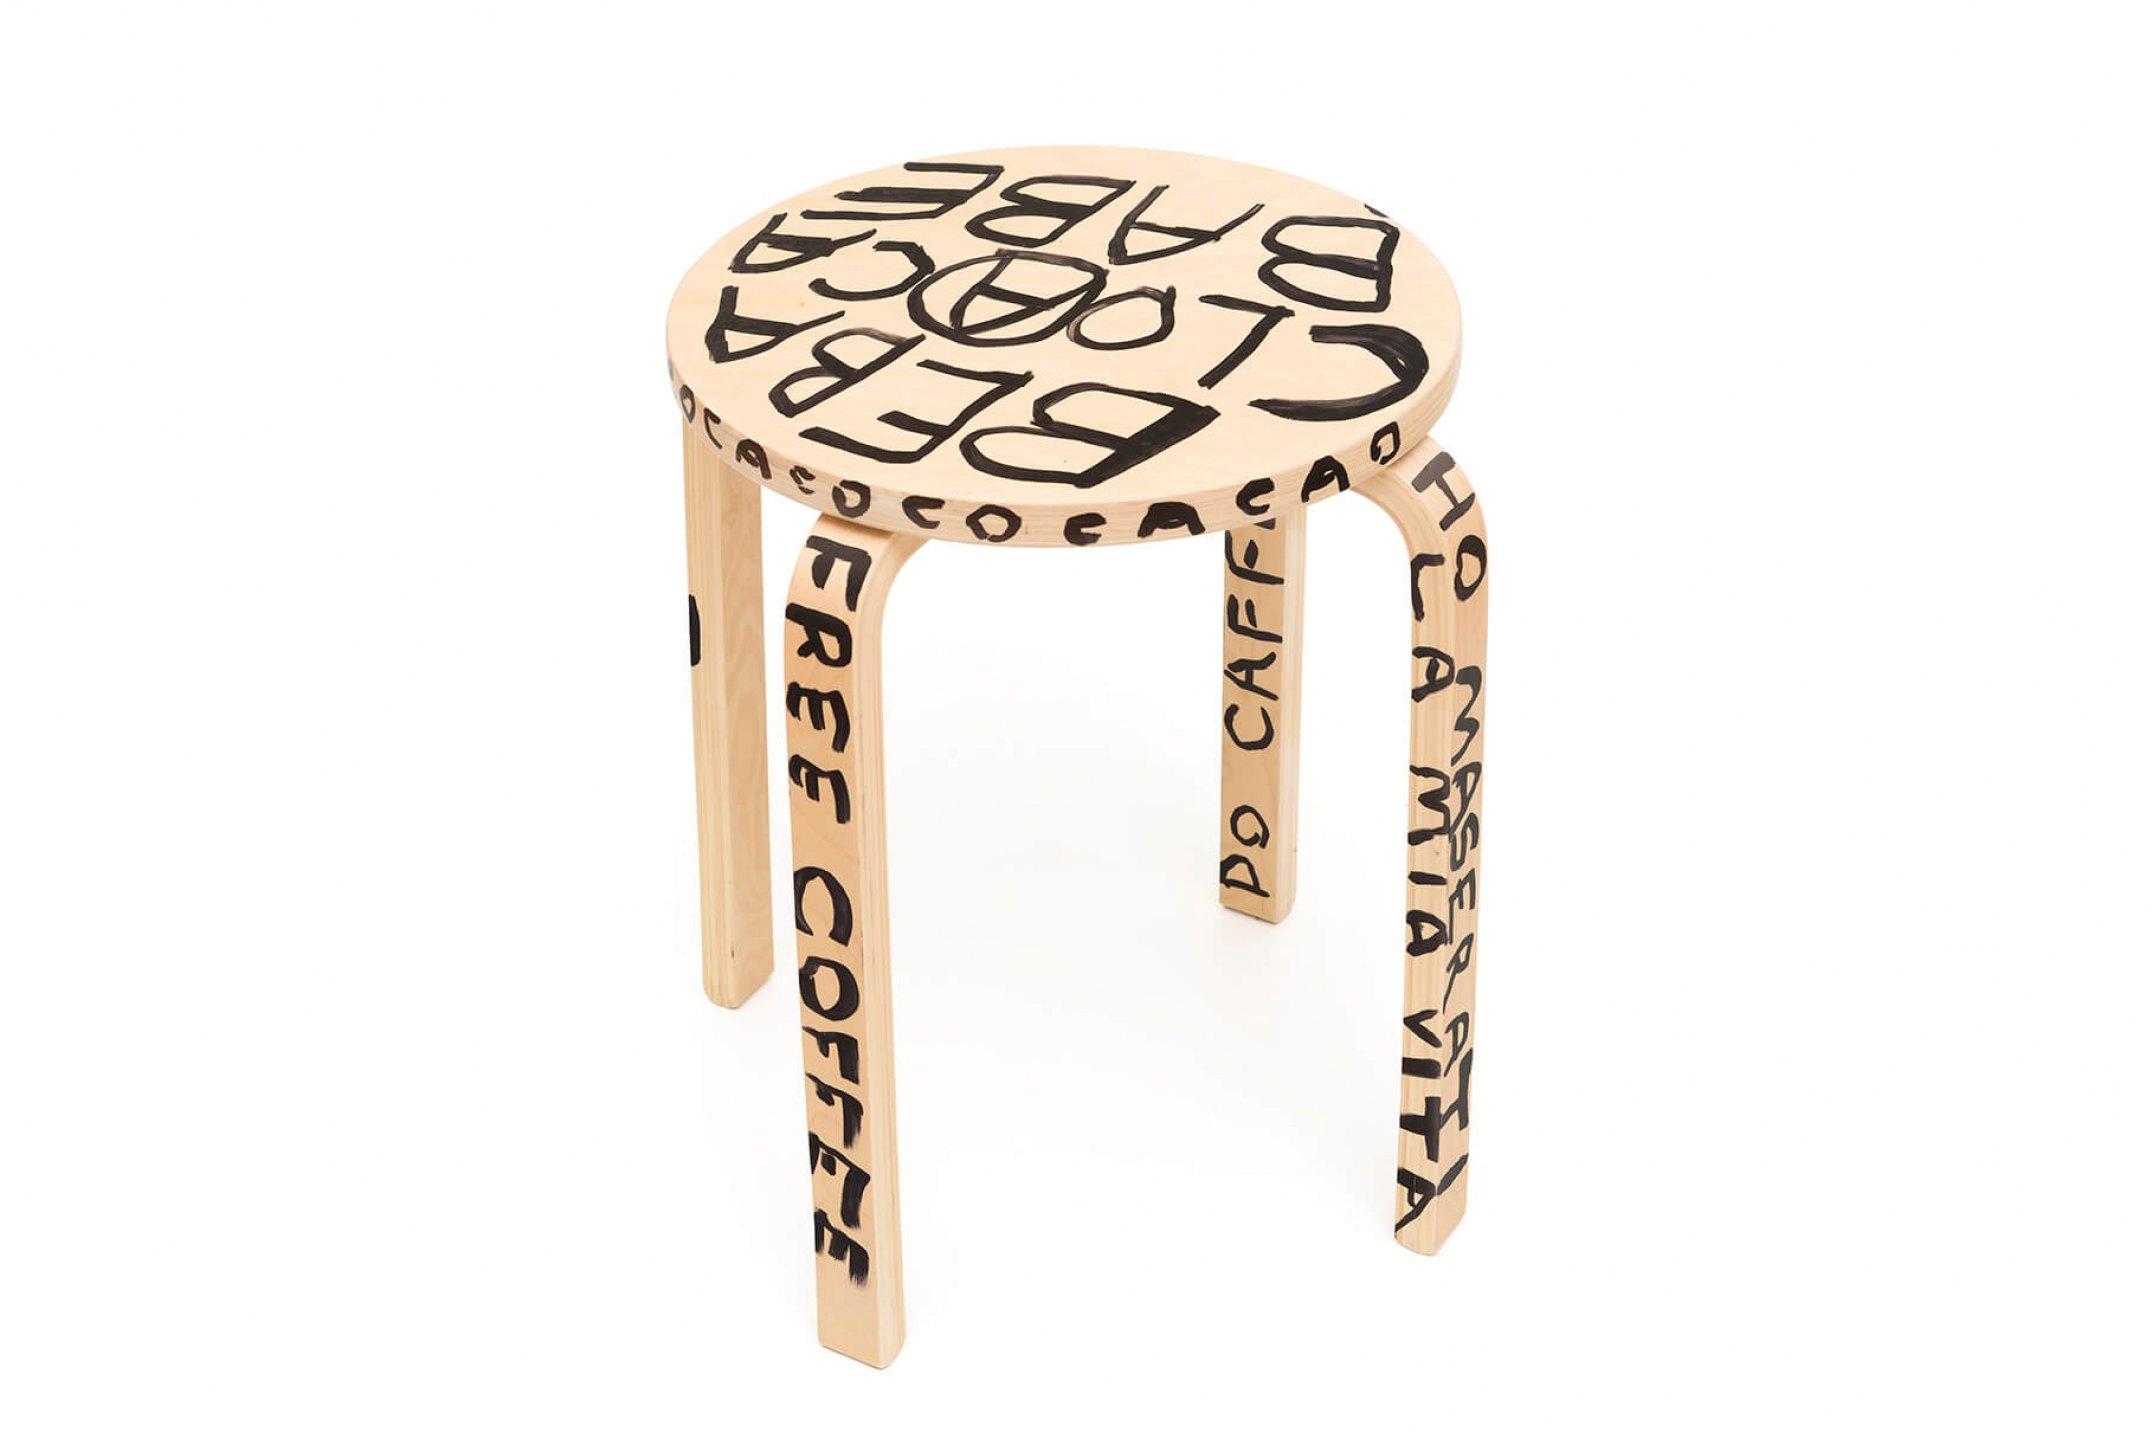 Karl Holmqvist,<em>untitled</em>, 2015,marker on wooden bench, 45 × 41 cm ø - Mendes Wood DM